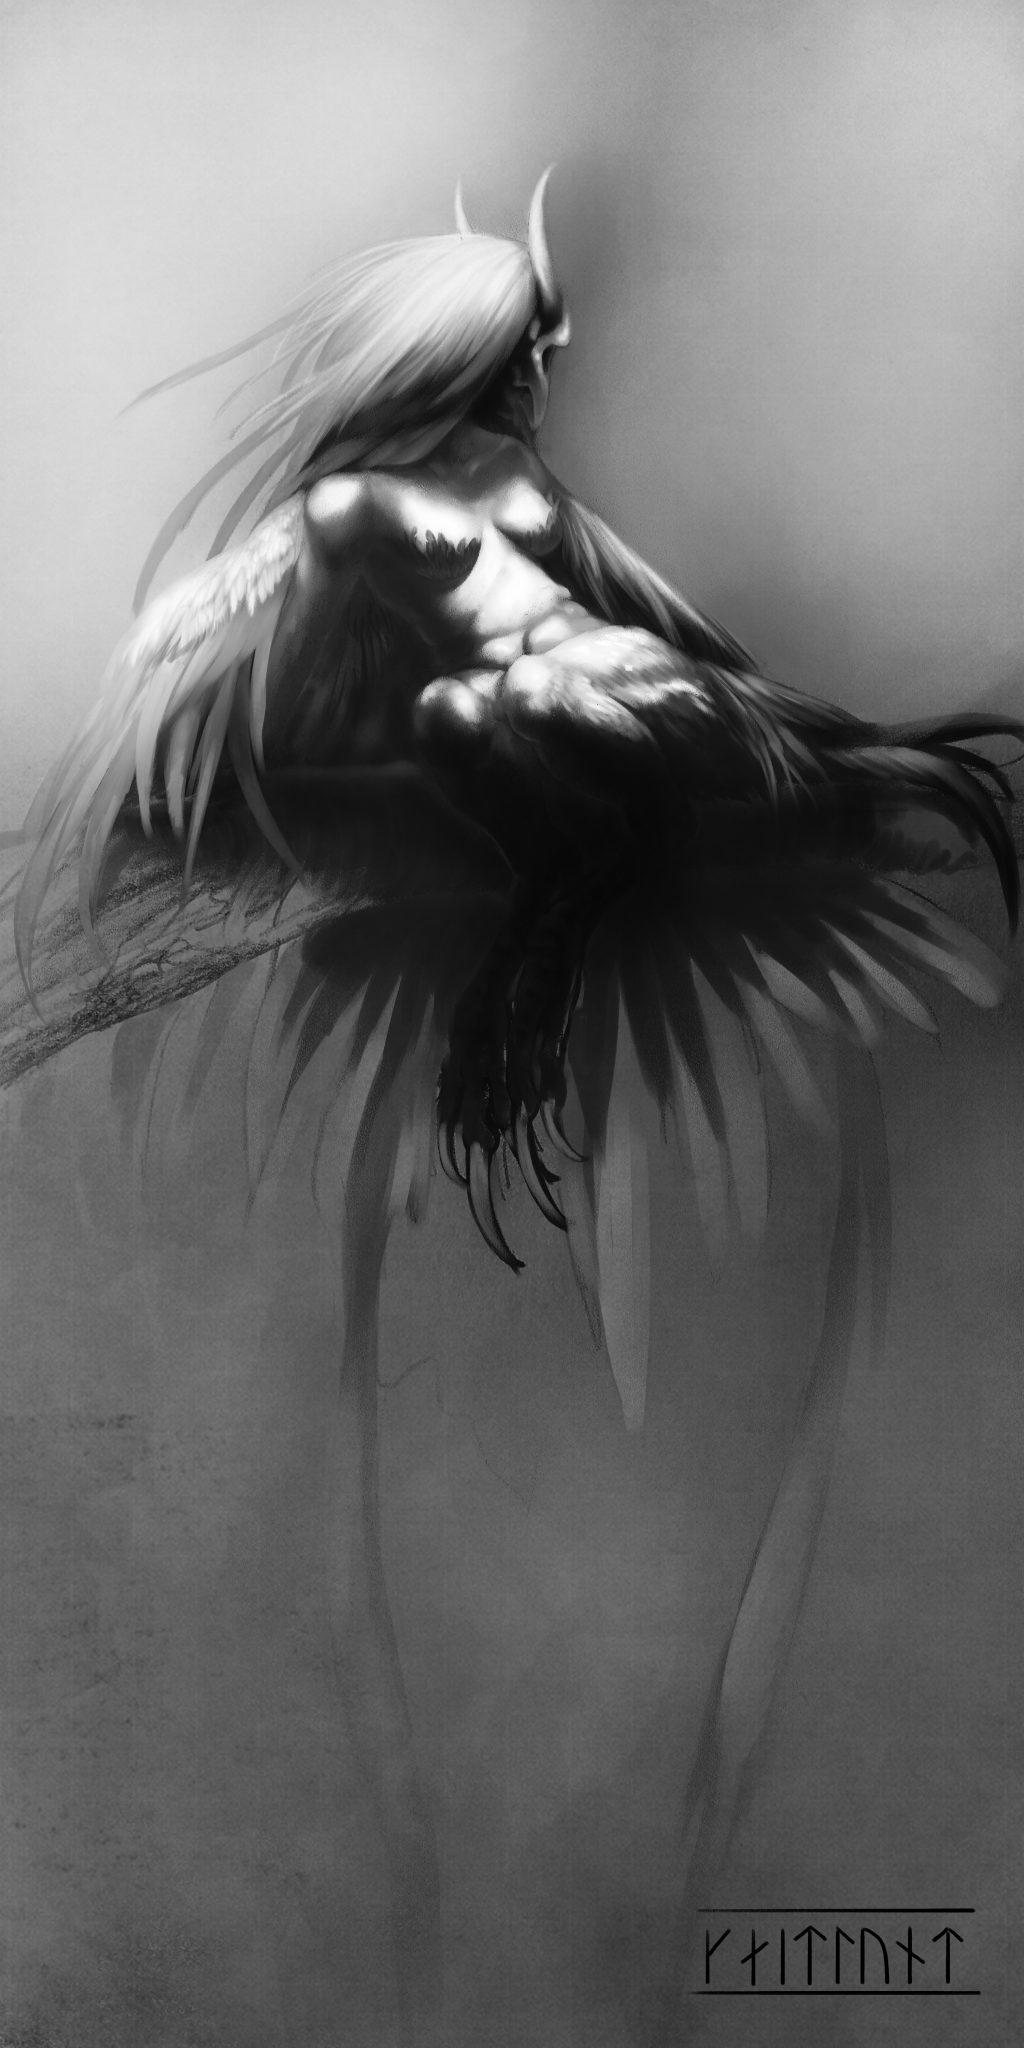 The Harpy By Kaitlund Zupanic